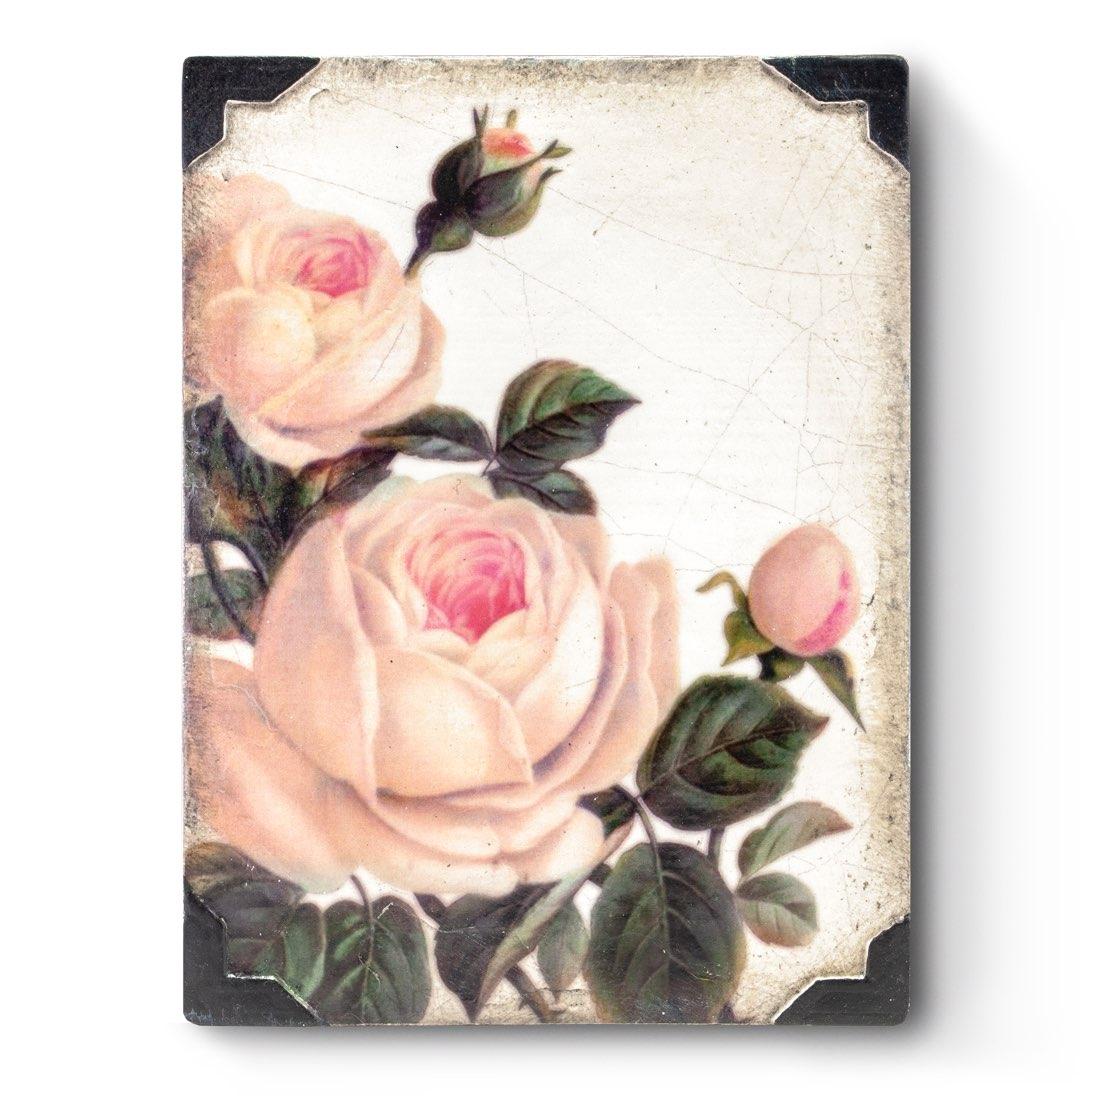 T464 - Gentle Rose - Memory Block Sid Dickens